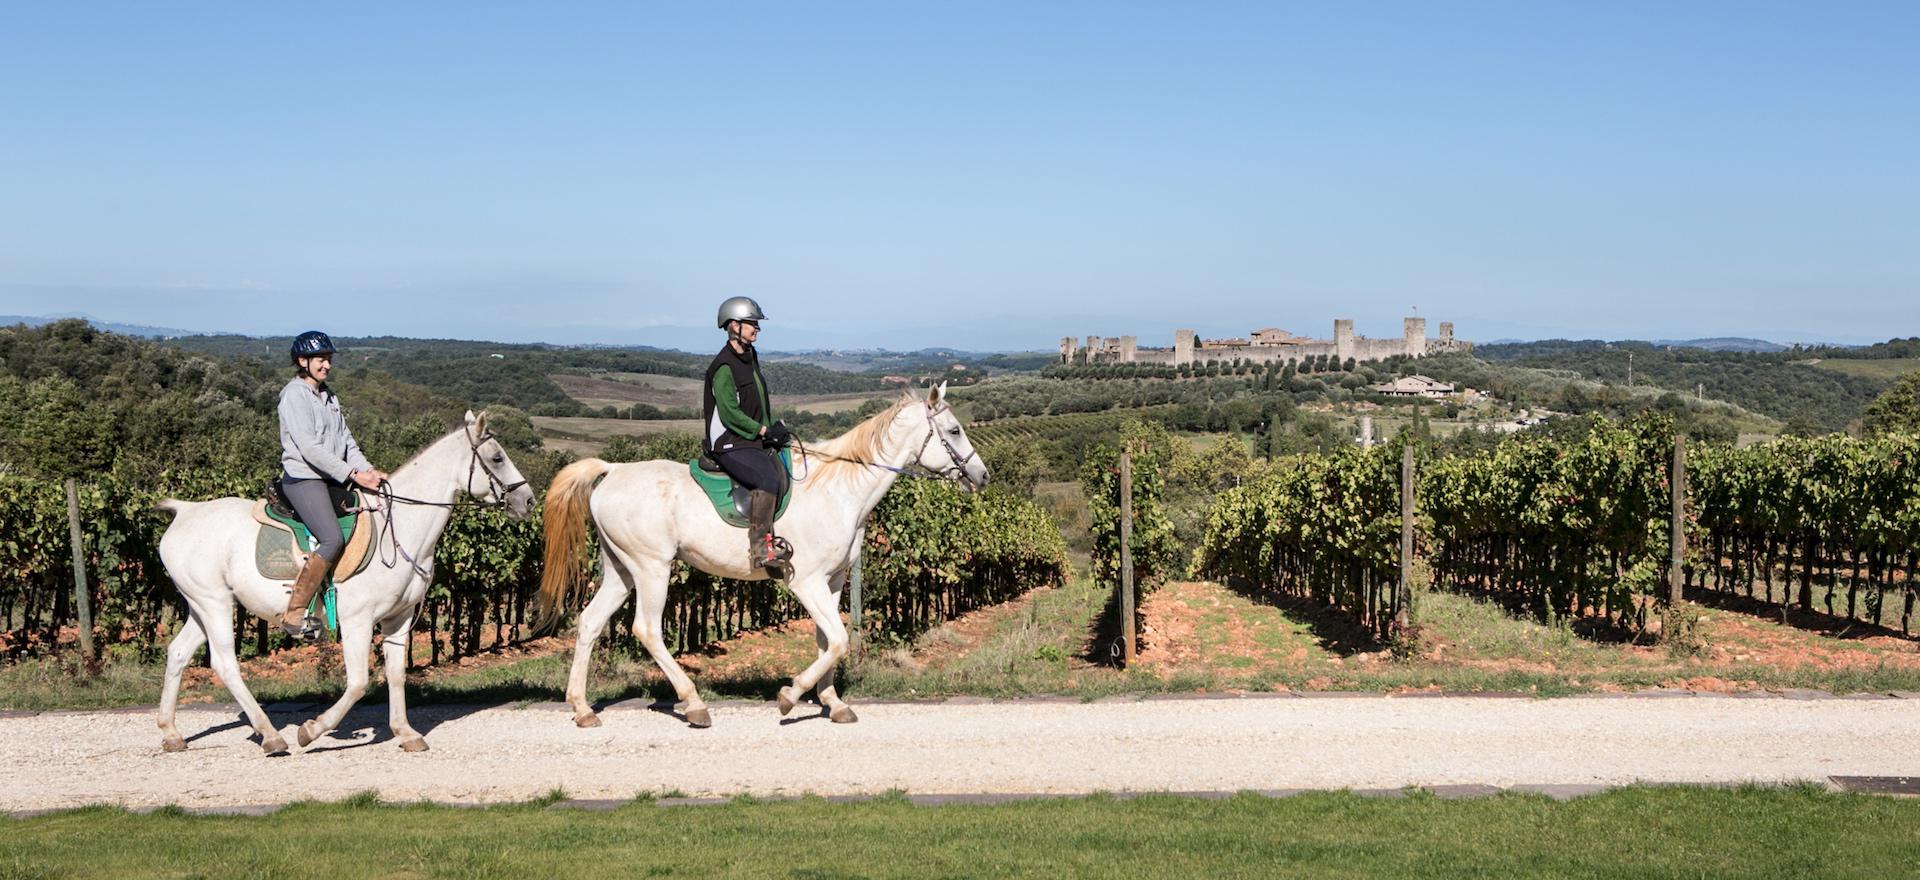 Agriturismo Toscane Agriturismo Toscane vlakbij goed restaurant